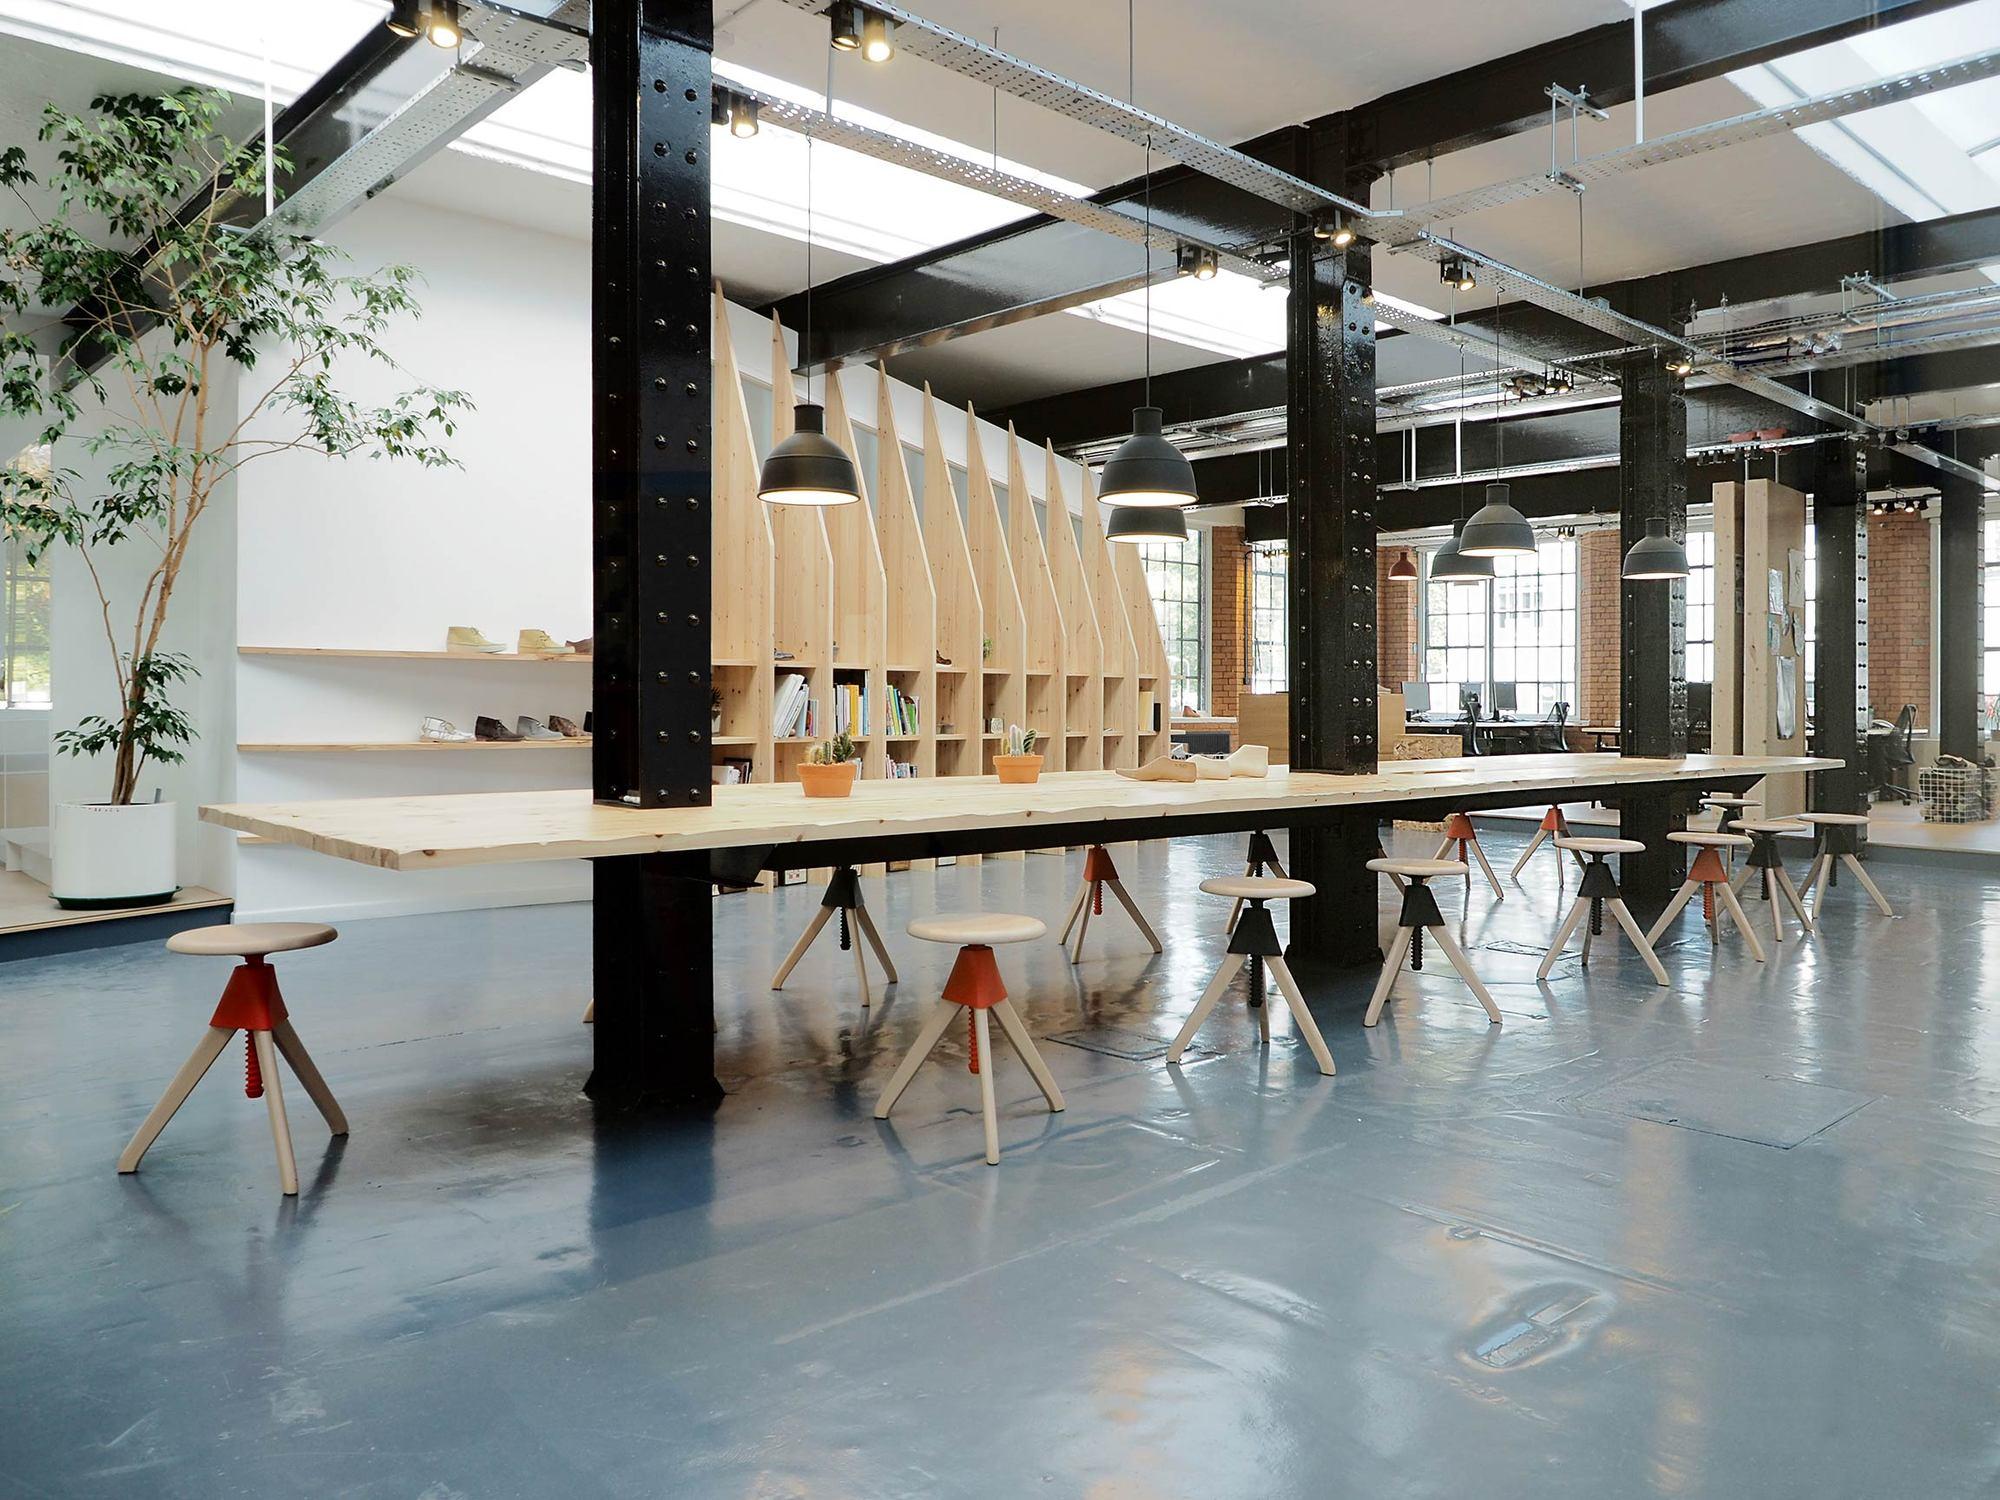 Clarks Originals Design Studio Arro Studio Archdaily